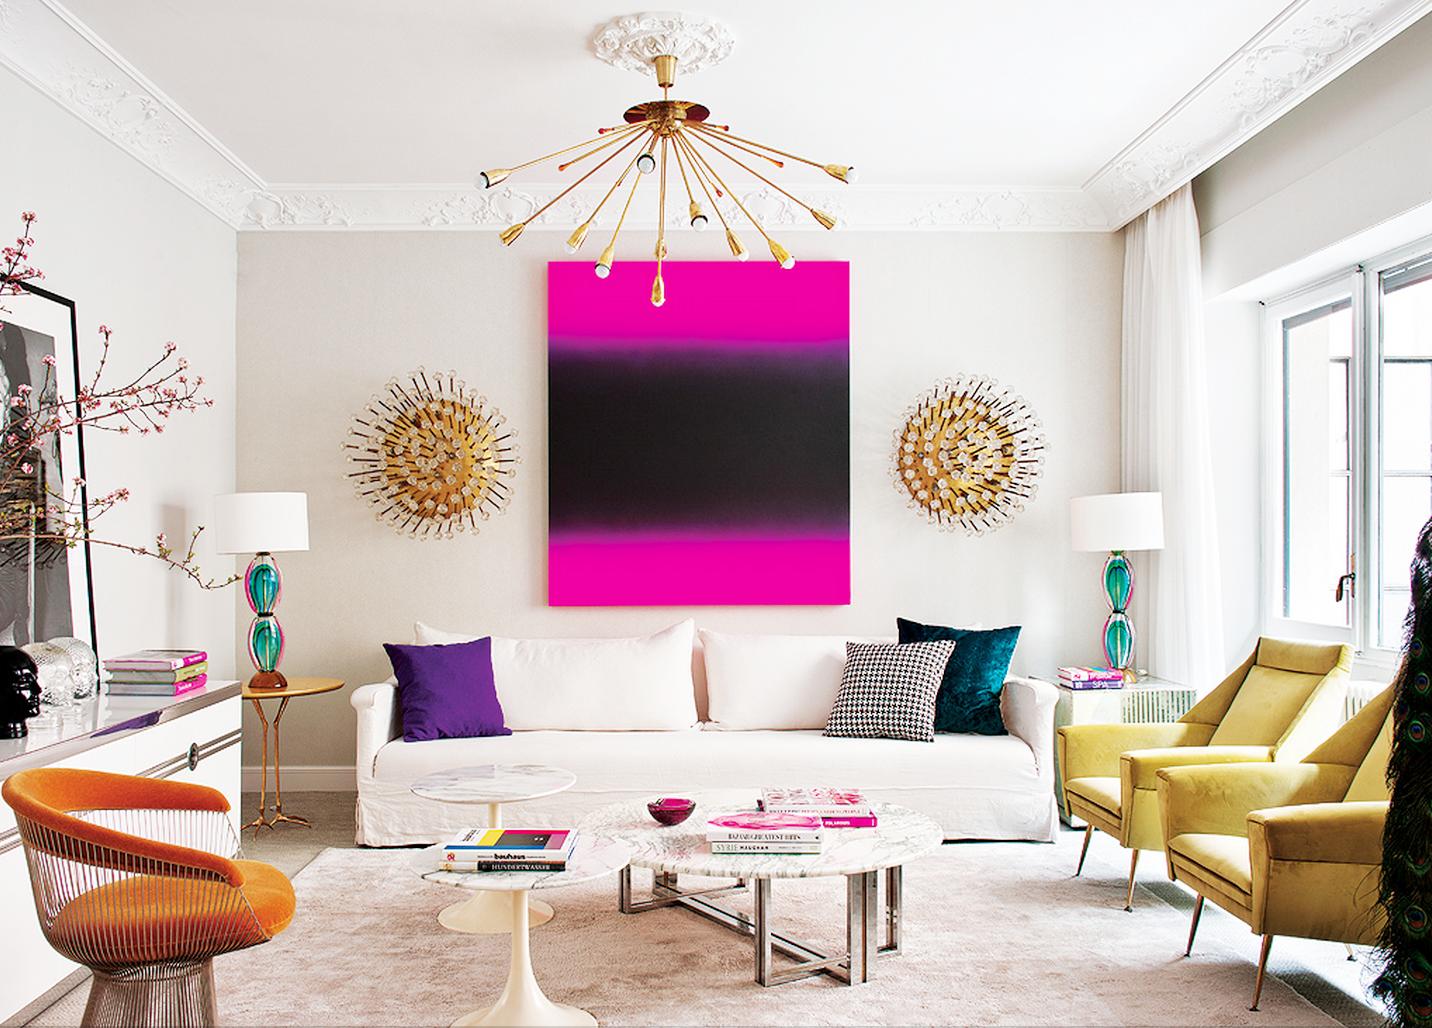 Эклектика в интерьере гостиной с яркой картиной